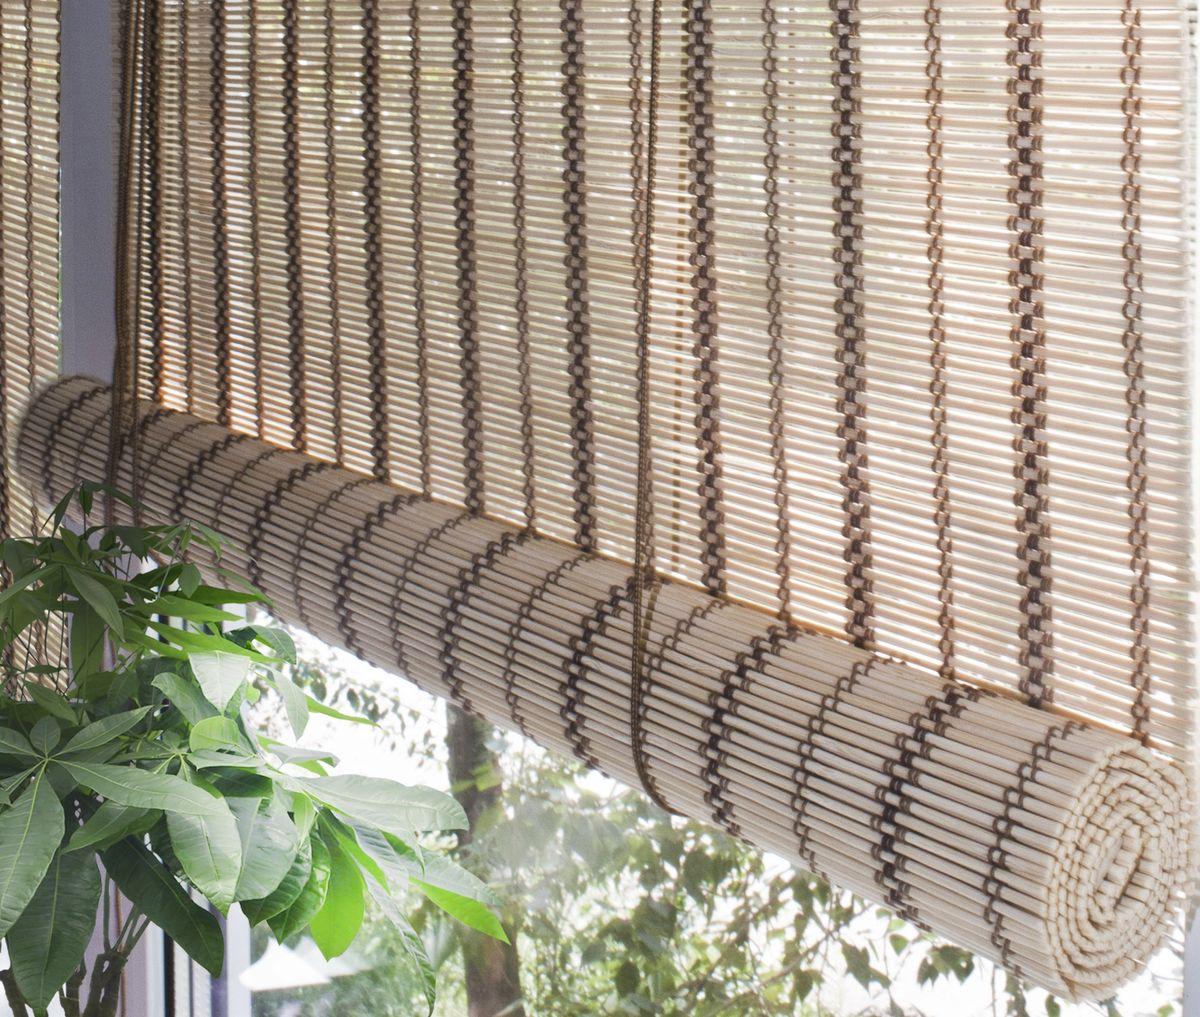 Штора рулонная Эскар Бамбук, цвет: золотой беж, ширина 100 см, высота 160 см804945150160При оформлении интерьера современных помещений многие отдают предпочтение природным материалам. Бамбуковые рулонные шторы - одно из натуральных изделий, способное сделать атмосферу помещения более уютной и в то же время необычной. Свойства бамбука уникальны: он экологически чист, так как быстро вырастает, благодаря чему не успевает накопить вредные вещества из окружающей среды. Кроме того, растение обладает противомикробным и антибактериальным действием. Занавеси из бамбука безопасно использовать в помещениях, где находятся новорожденные дети и люди, склонные к аллергии. Они незаменимы для тех, кто заботится о своем здоровье и уделяет внимание высокому уровню жизни.Бамбуковые рулонные шторы представляют собой полотно, состоящее из тонких бамбуковых стеблей и сворачиваемое в рулон.Римские бамбуковые шторы, как и тканевые римские шторы, при поднятии образуют крупные складки, которые прекрасно декорируют окно.Особенность устройства полотна позволяет свободно пропускать дневной свет, что обеспечивает мягкое освещение комнаты. Это натуральный влагостойкий материал, который легко вписывается в любой интерьер, хорошо сочетается с различной мебелью и элементами отделки. Использование бамбукового полотна придает помещению необычный вид и визуально расширяет пространство.Помимо внешней красоты, это еще и очень удобные конструкции, экономящие пространство. Изготавливаются они из специальных материалов, устойчивых к внешним воздействиям. Сама штора очень эргономичная, и позволяет изменять визуально пространство в зависимости от потребностей владельца.